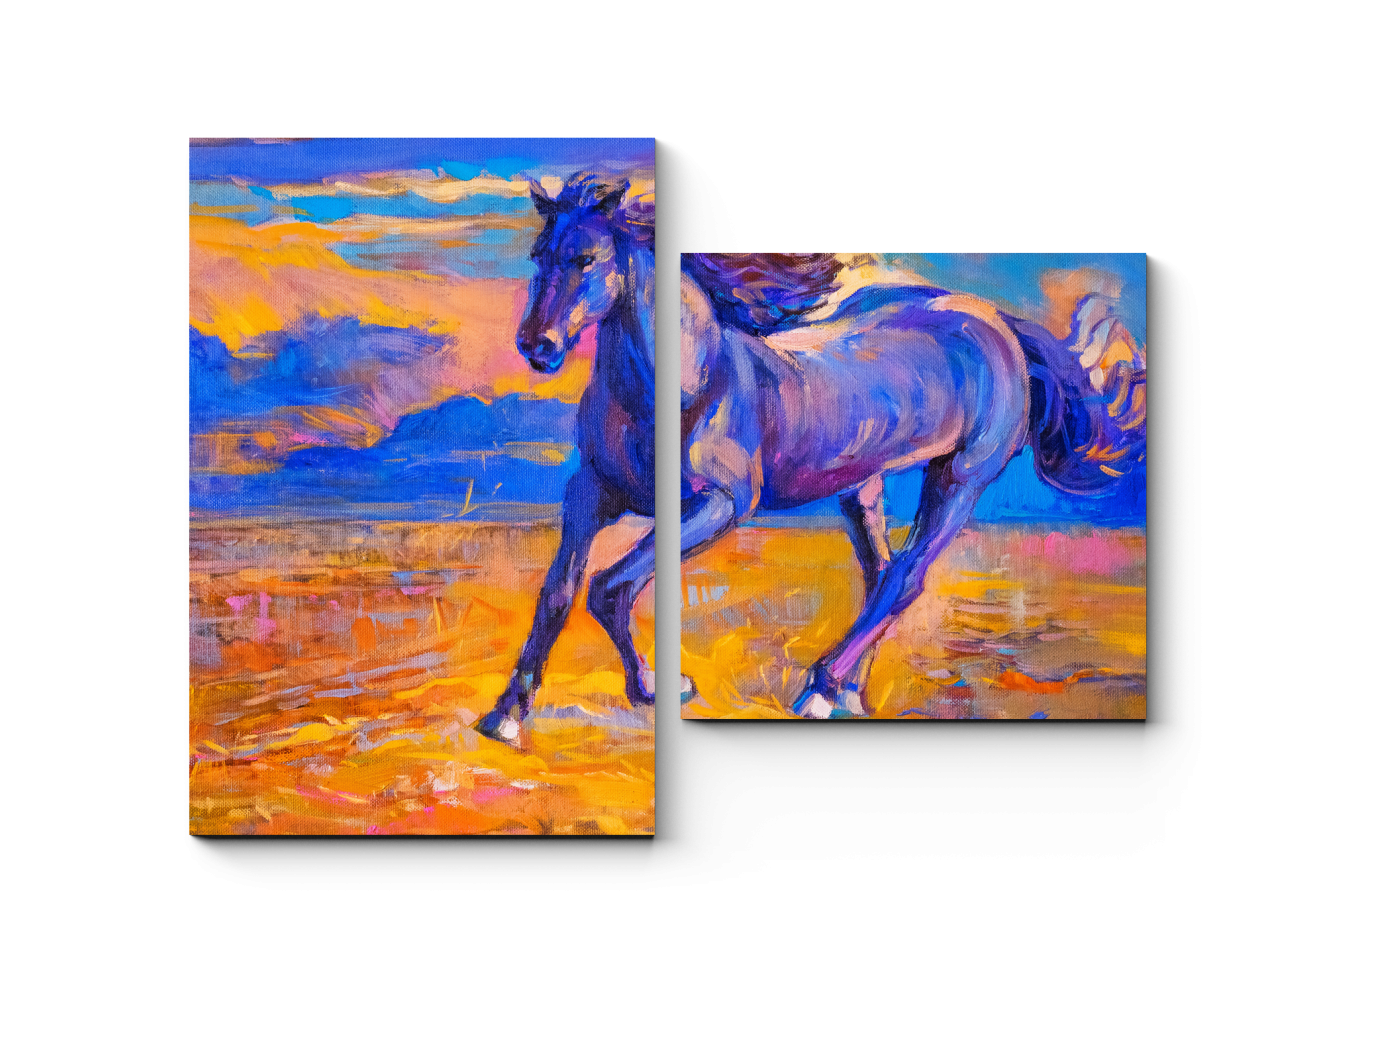 Модульная картина Величественный жеребец (40x30) фото